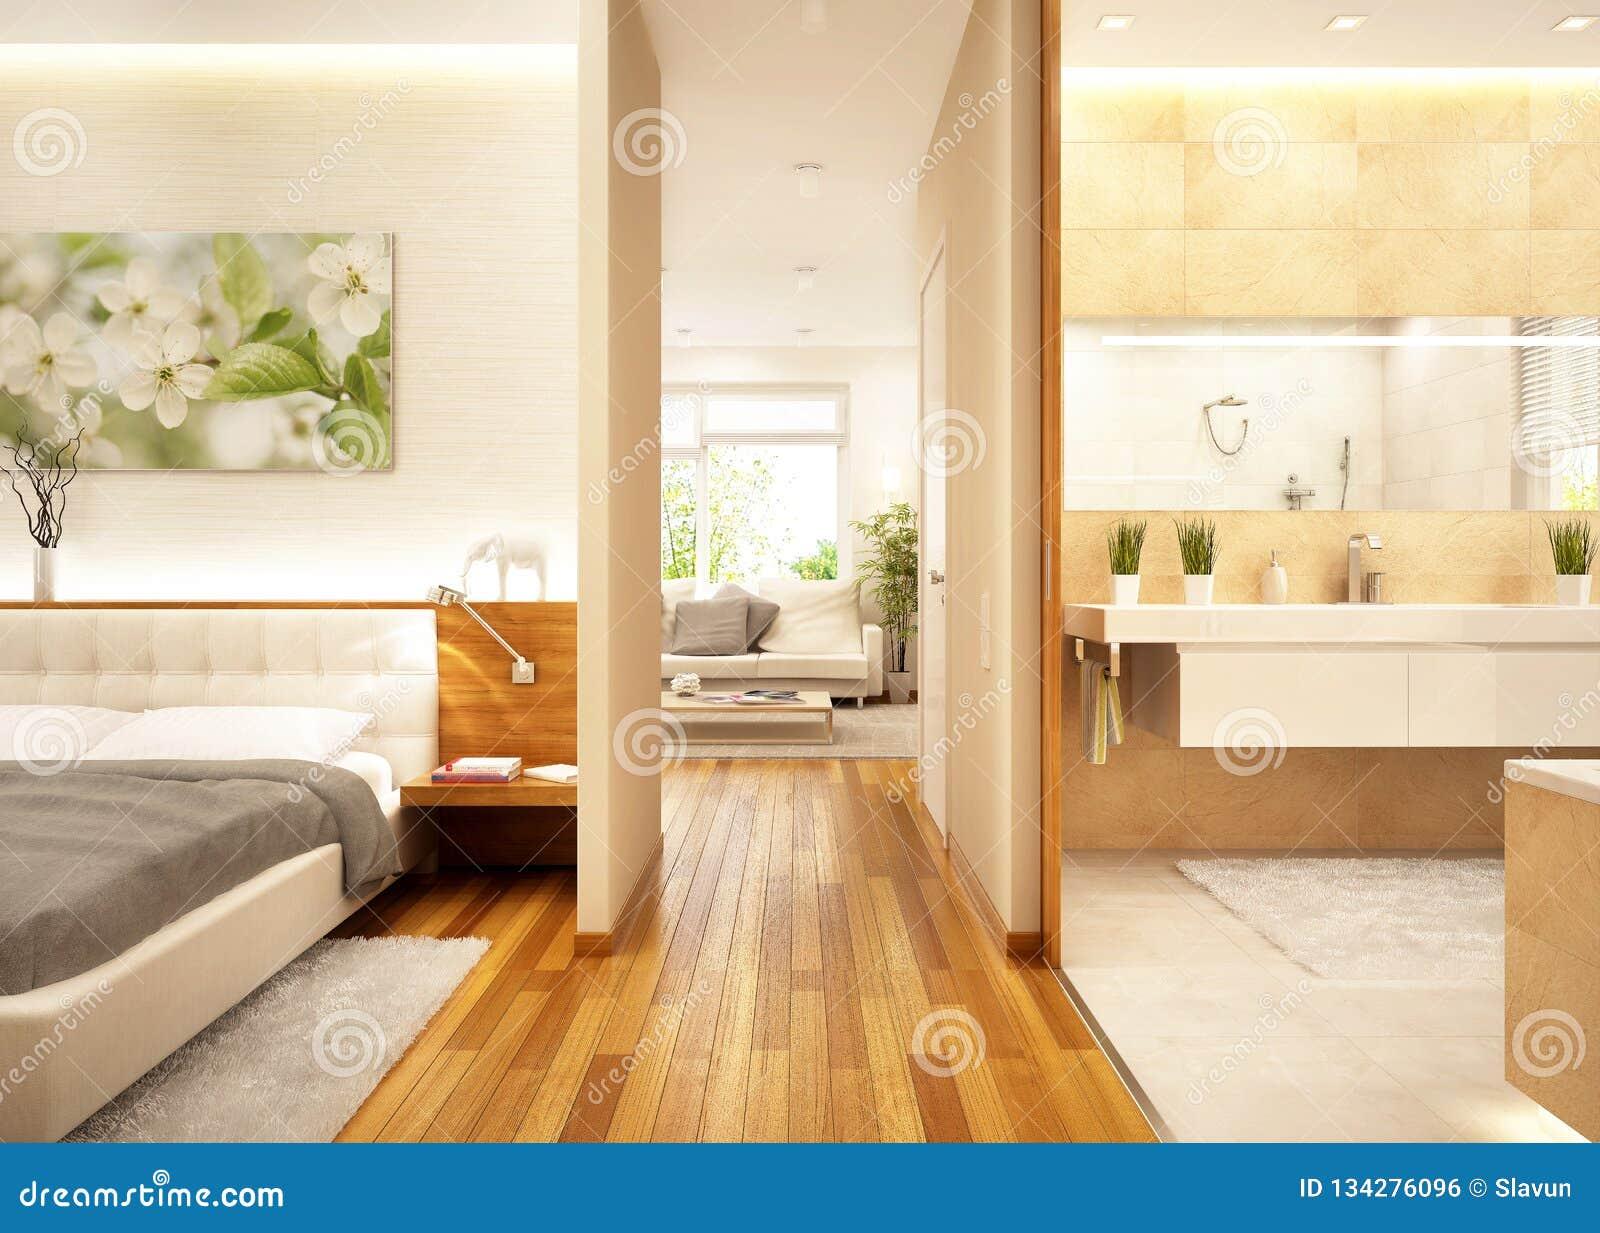 Apartamento Moderno Con La Sala De Estar, El Cuarto De Baño Y El ...